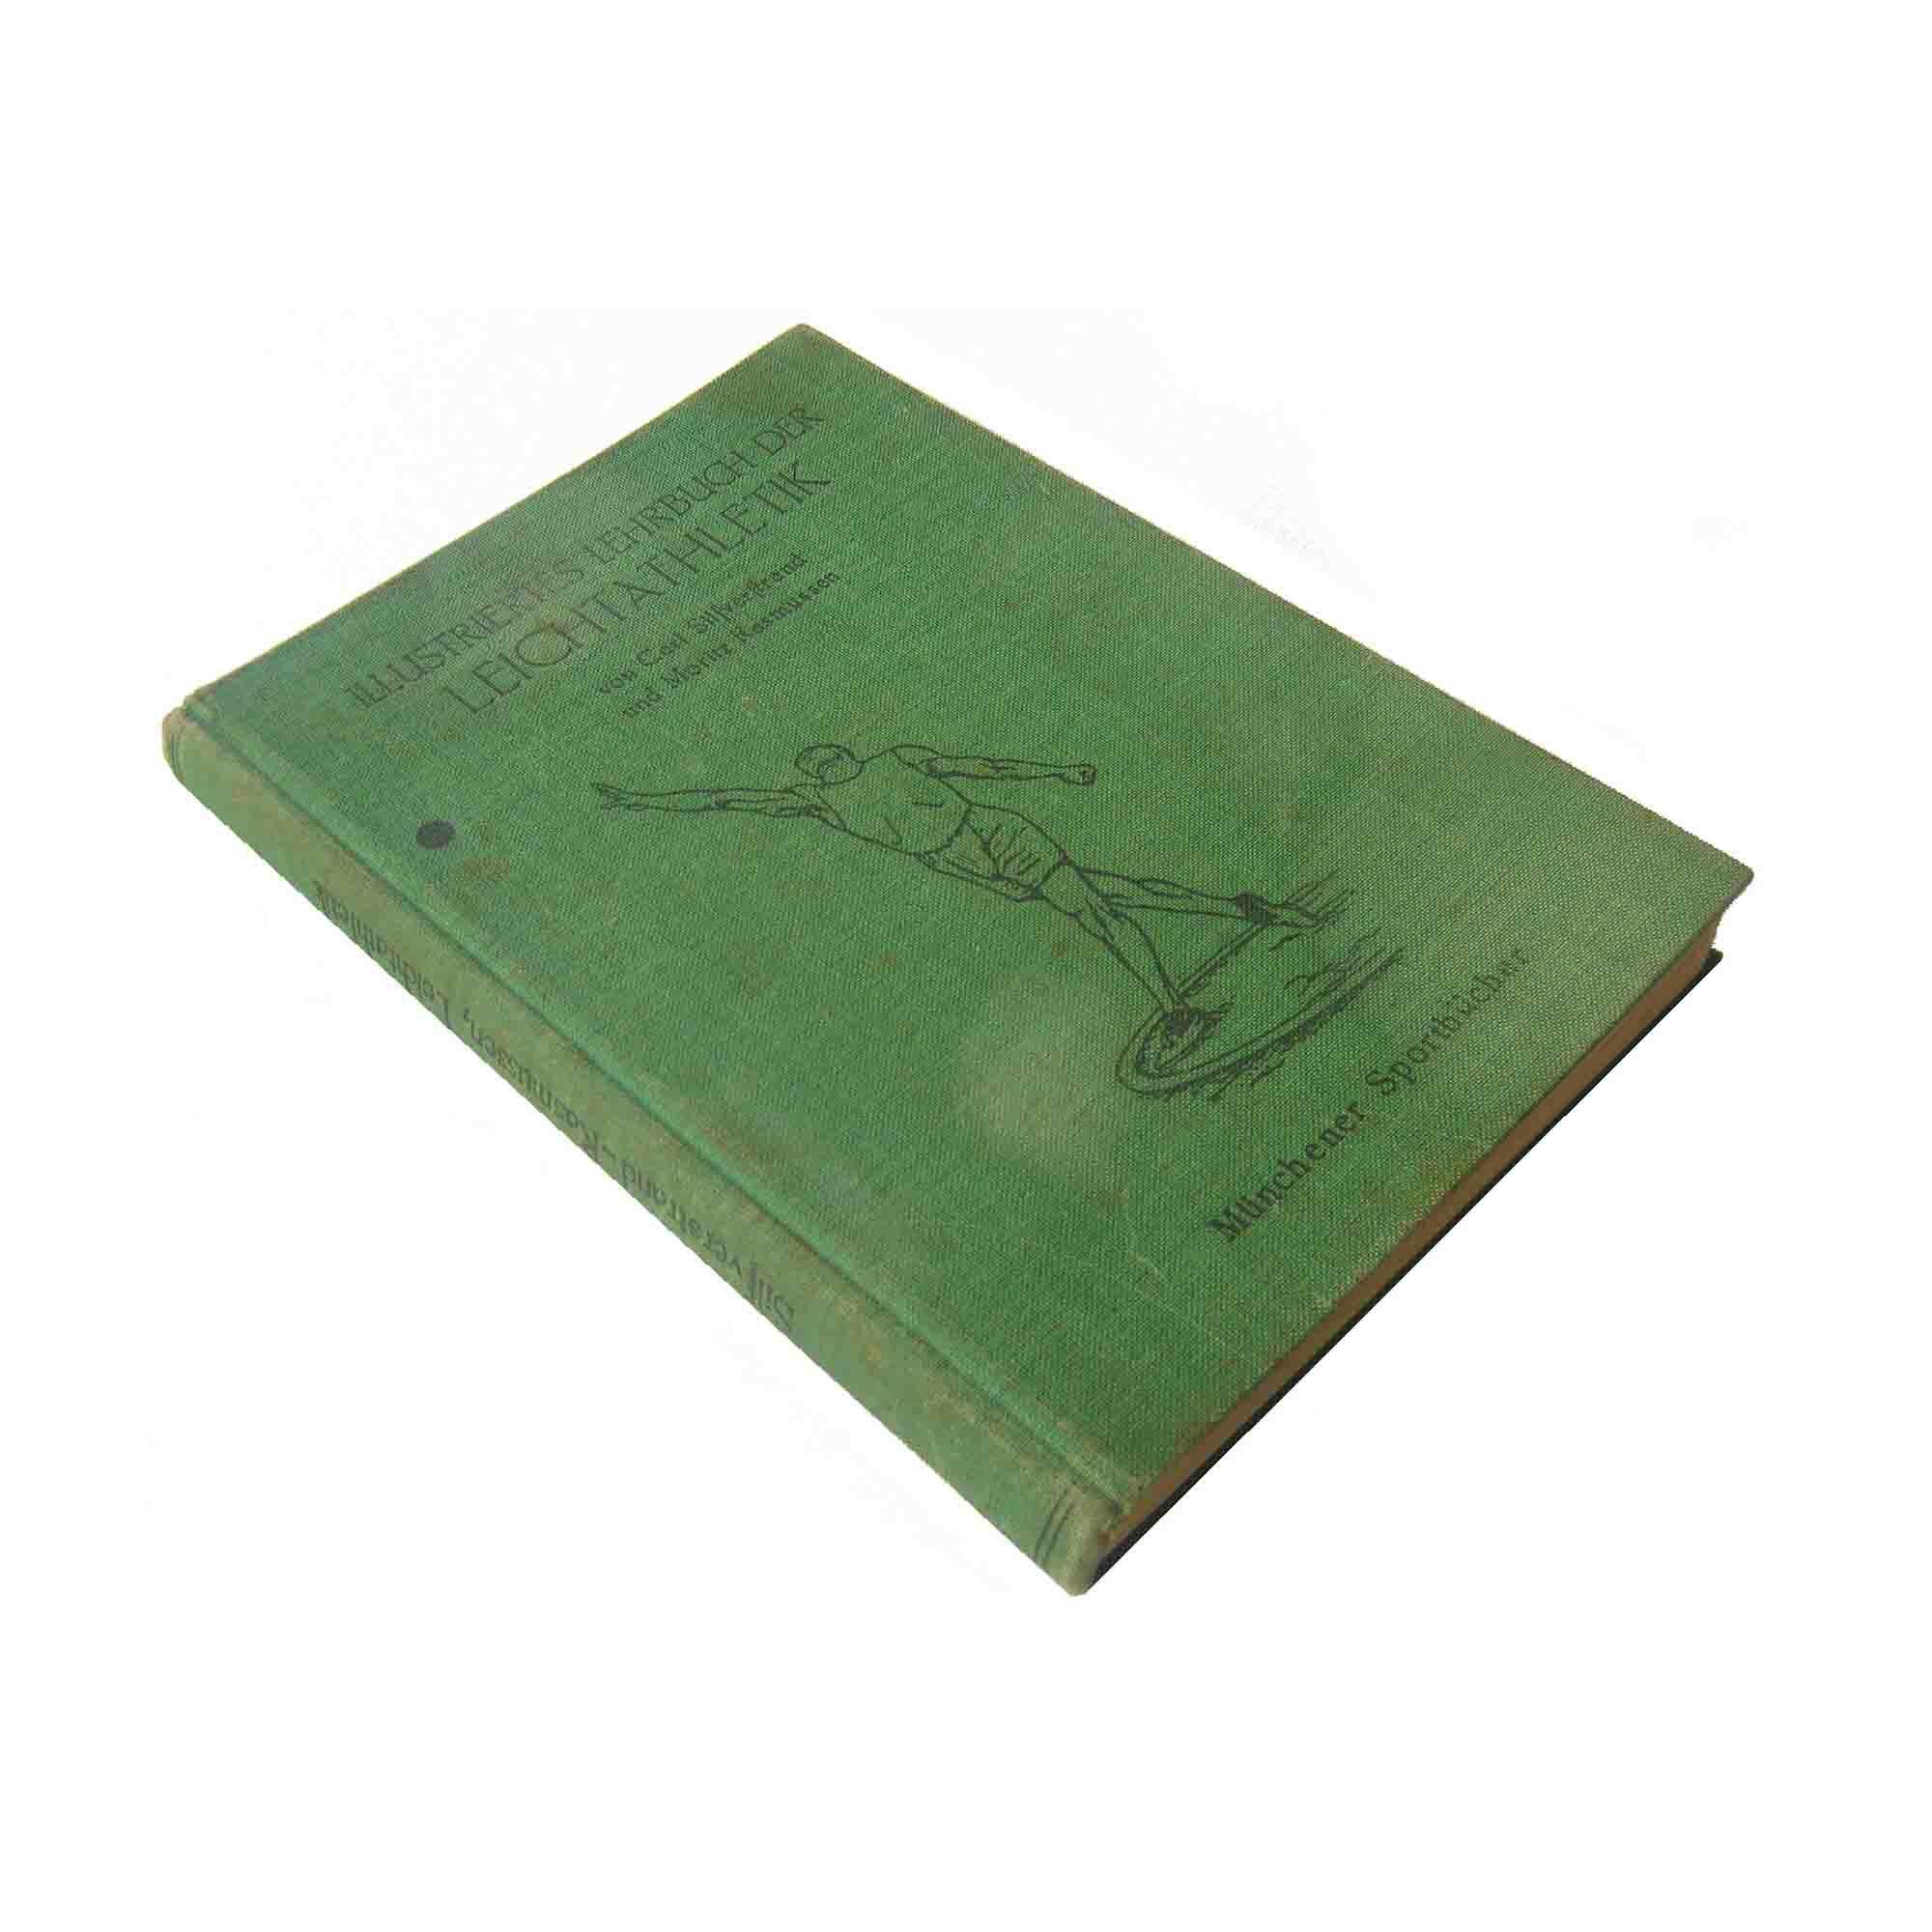 5478 Silfverstrand Lehrbuch Leichtathletik 1925 Einband A N